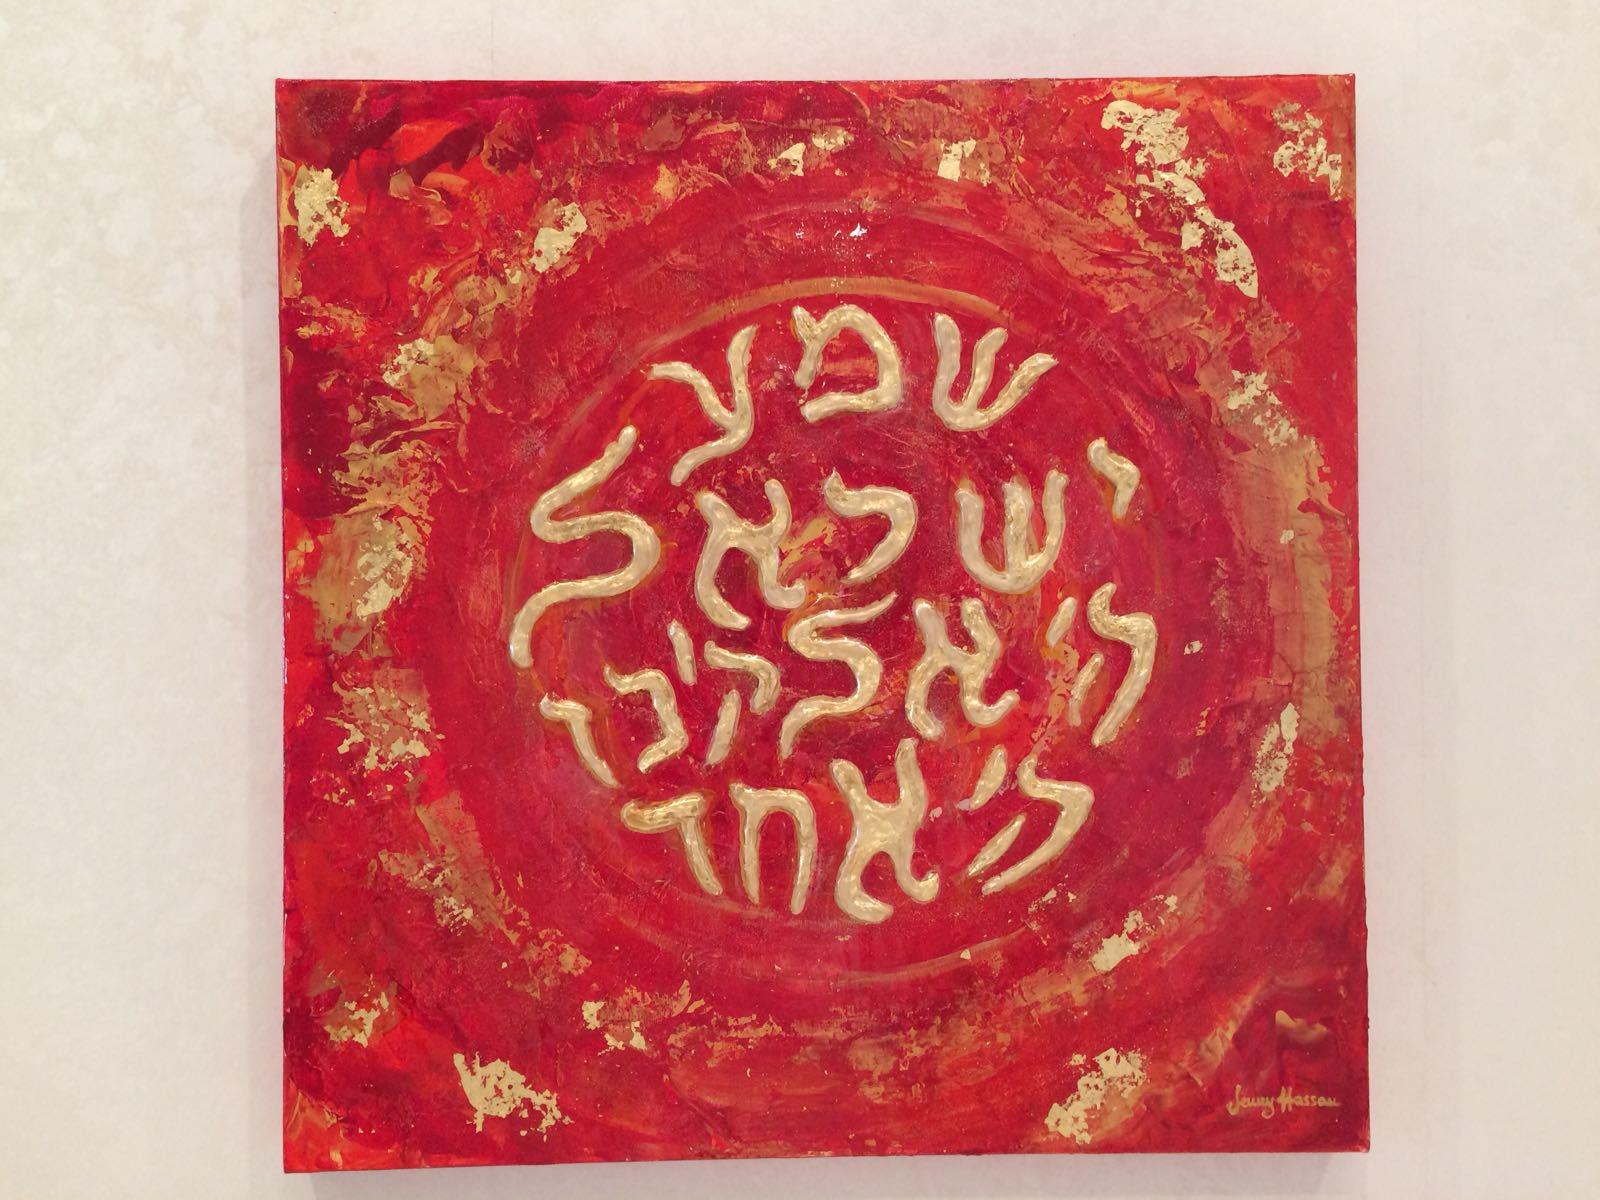 Shema Israel rosso e oro